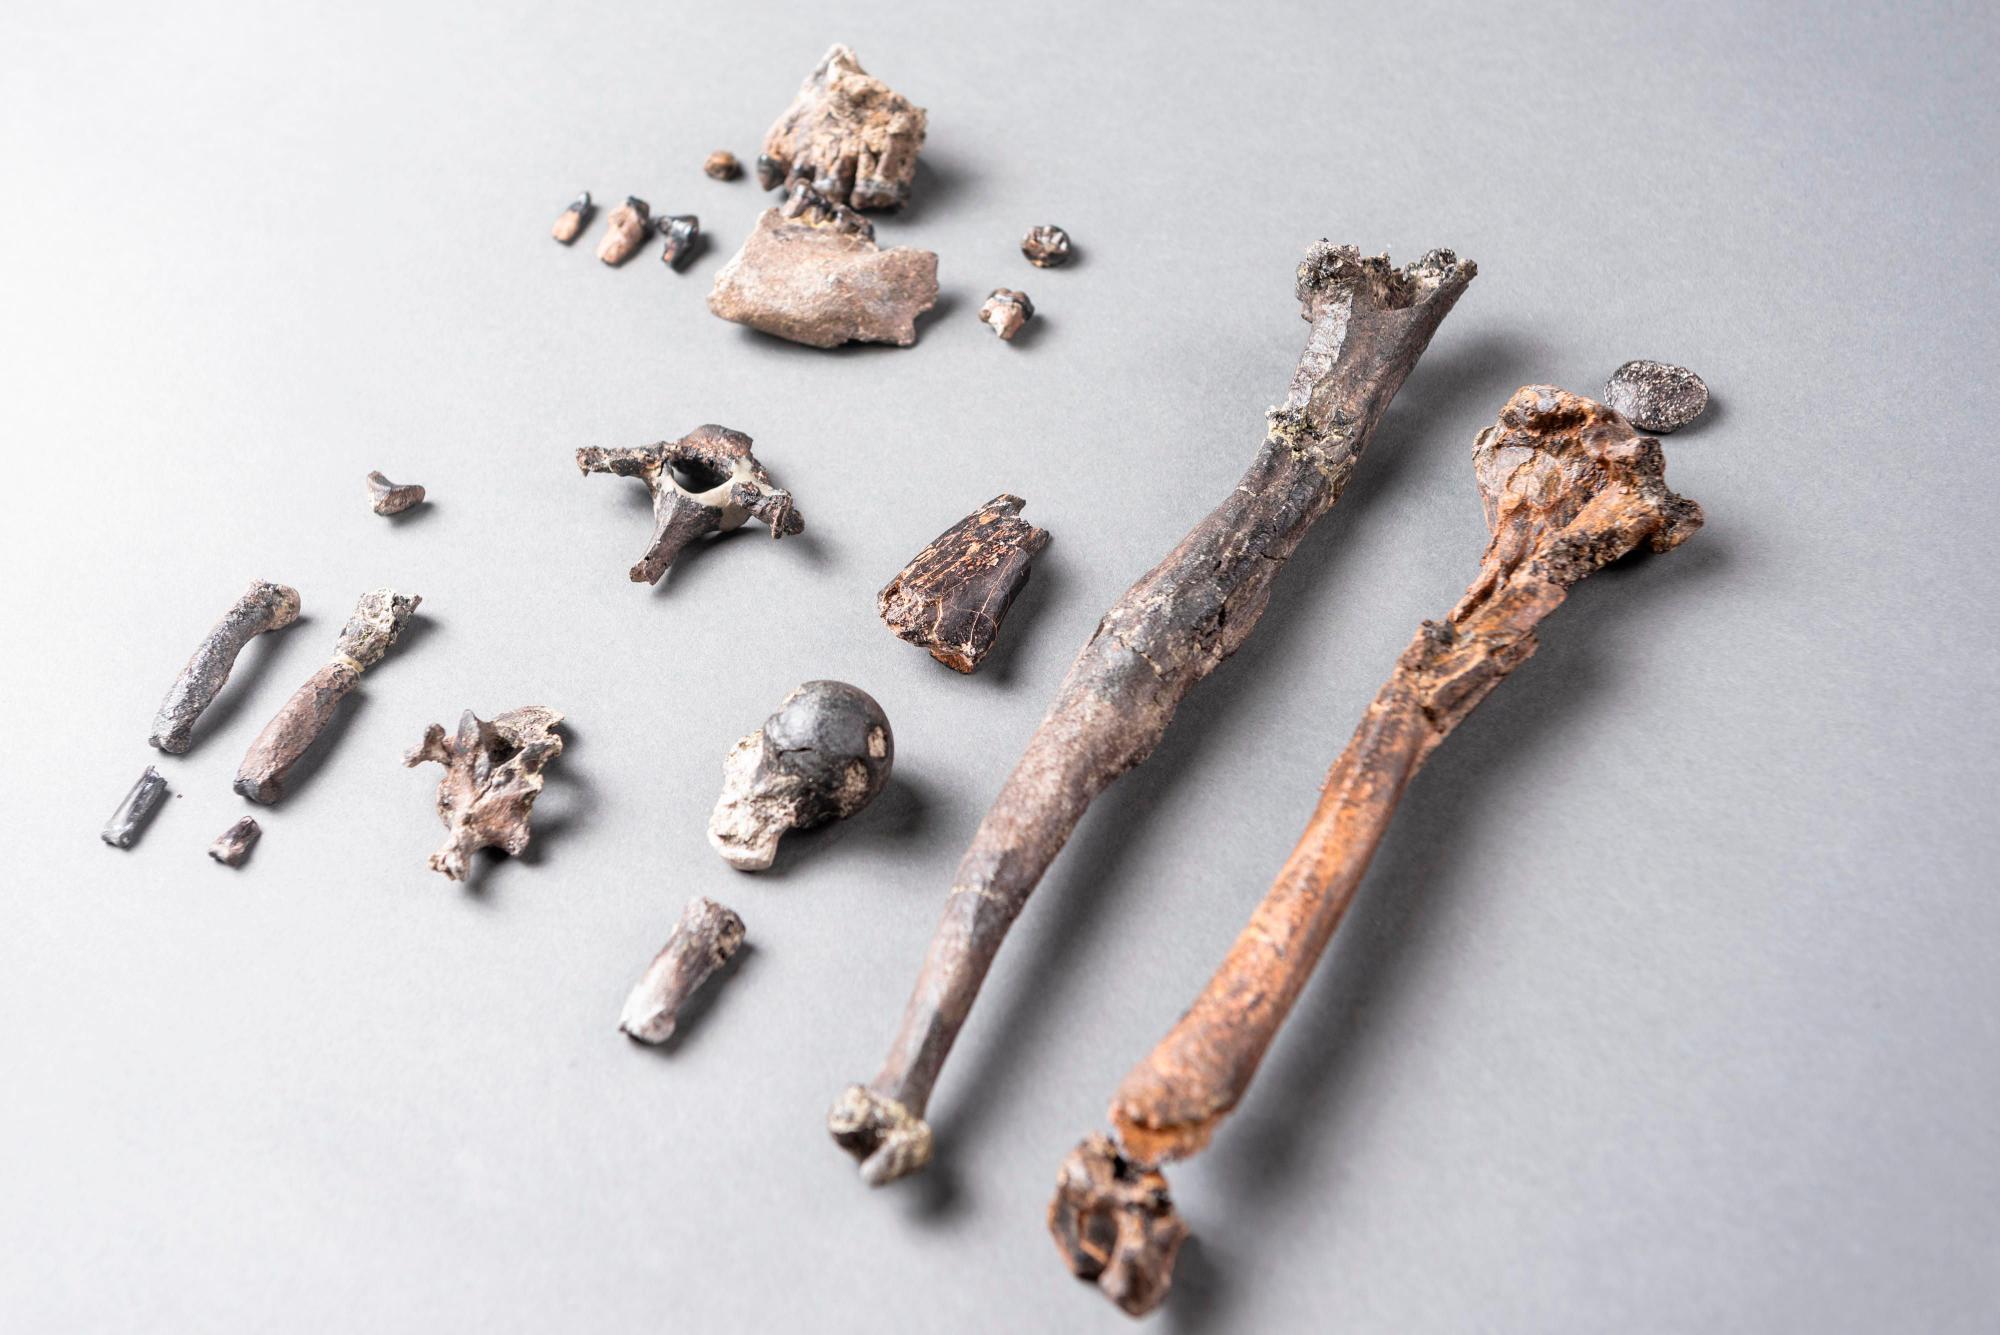 Les fossiles antiques récemment découverts peuvent constituer le «chaînon manquant» entre les singes et les humains (vidéo) By Jack35 2-4